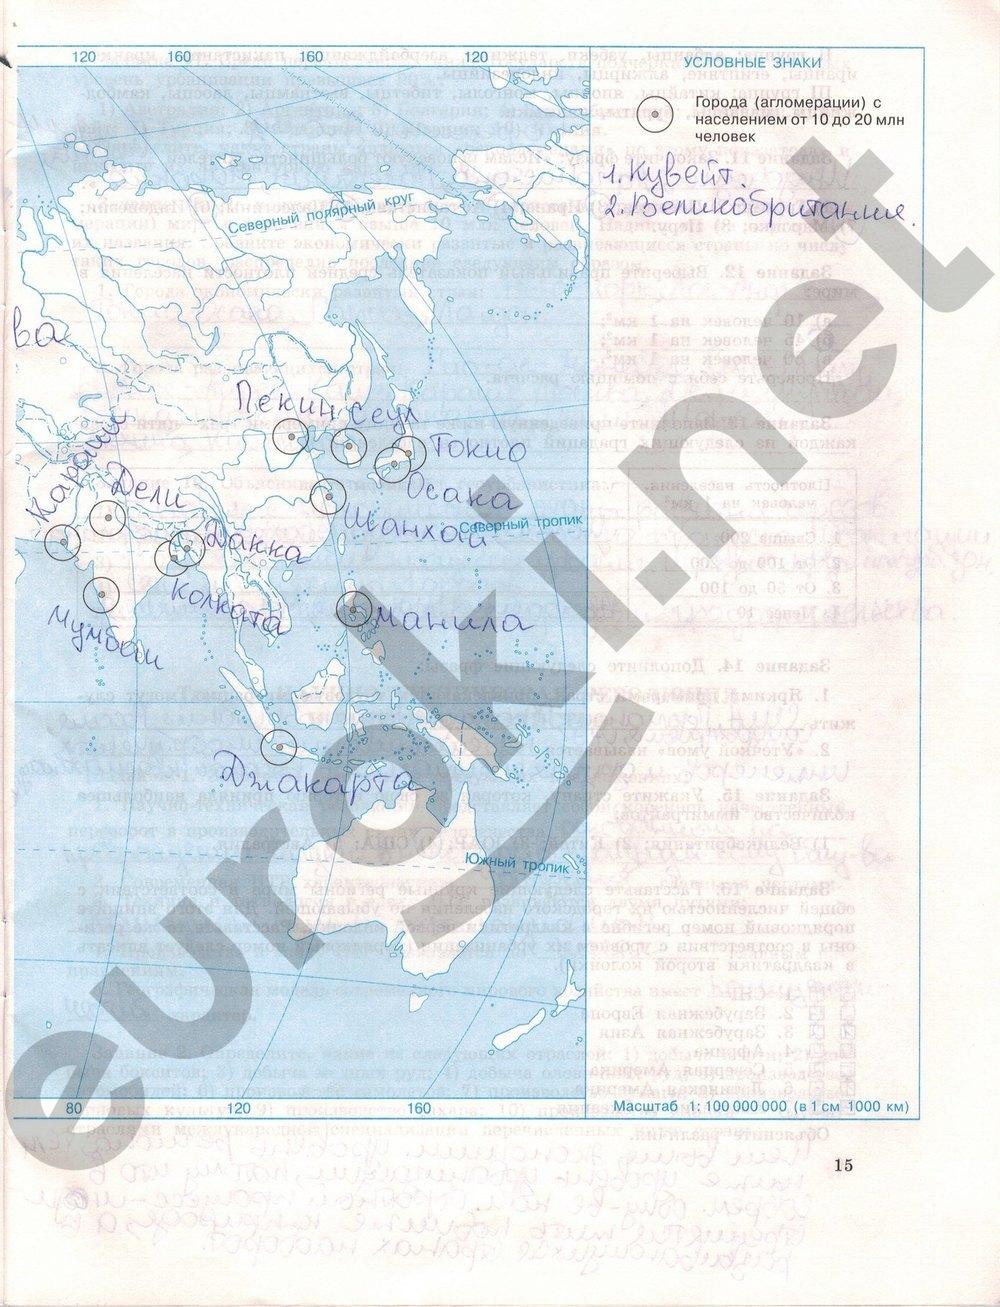 география учебник по максаковский 10 класс рабочая гдз тетрадь